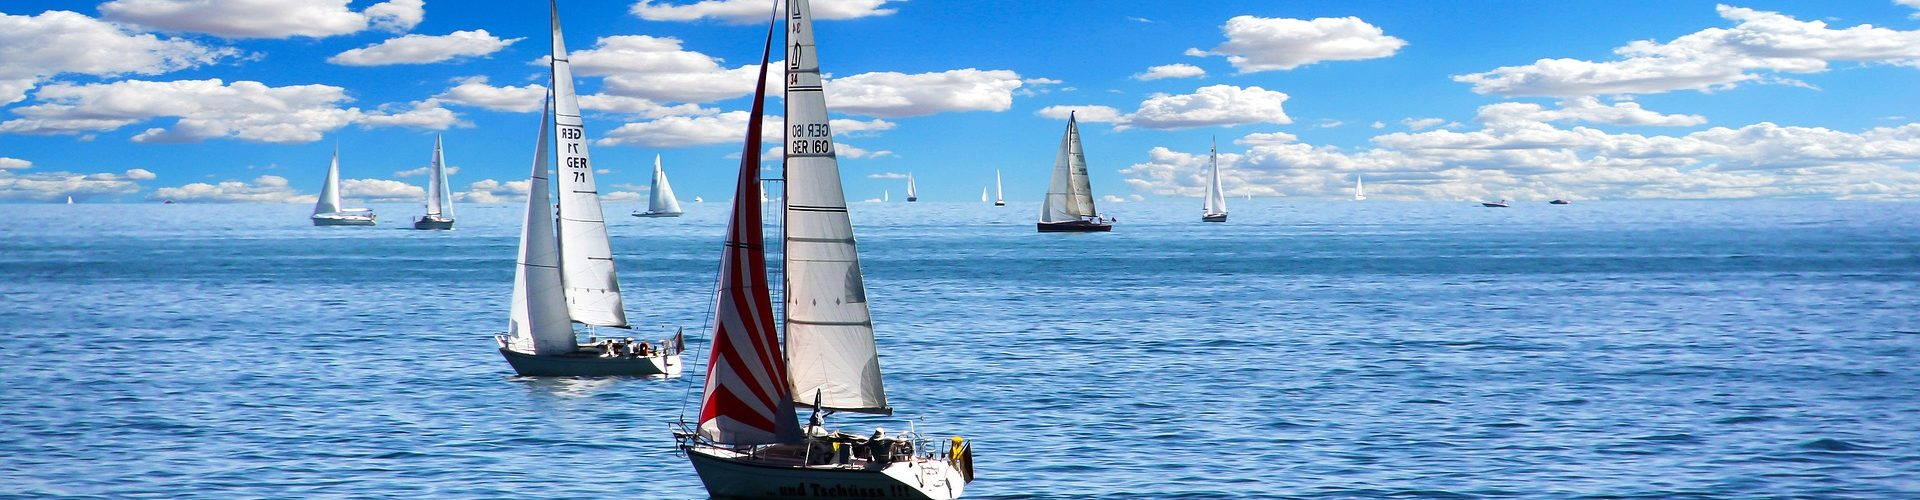 segeln lernen in Spiekeroog segelschein machen in Spiekeroog 1920x500 - Segeln lernen in Spiekeroog